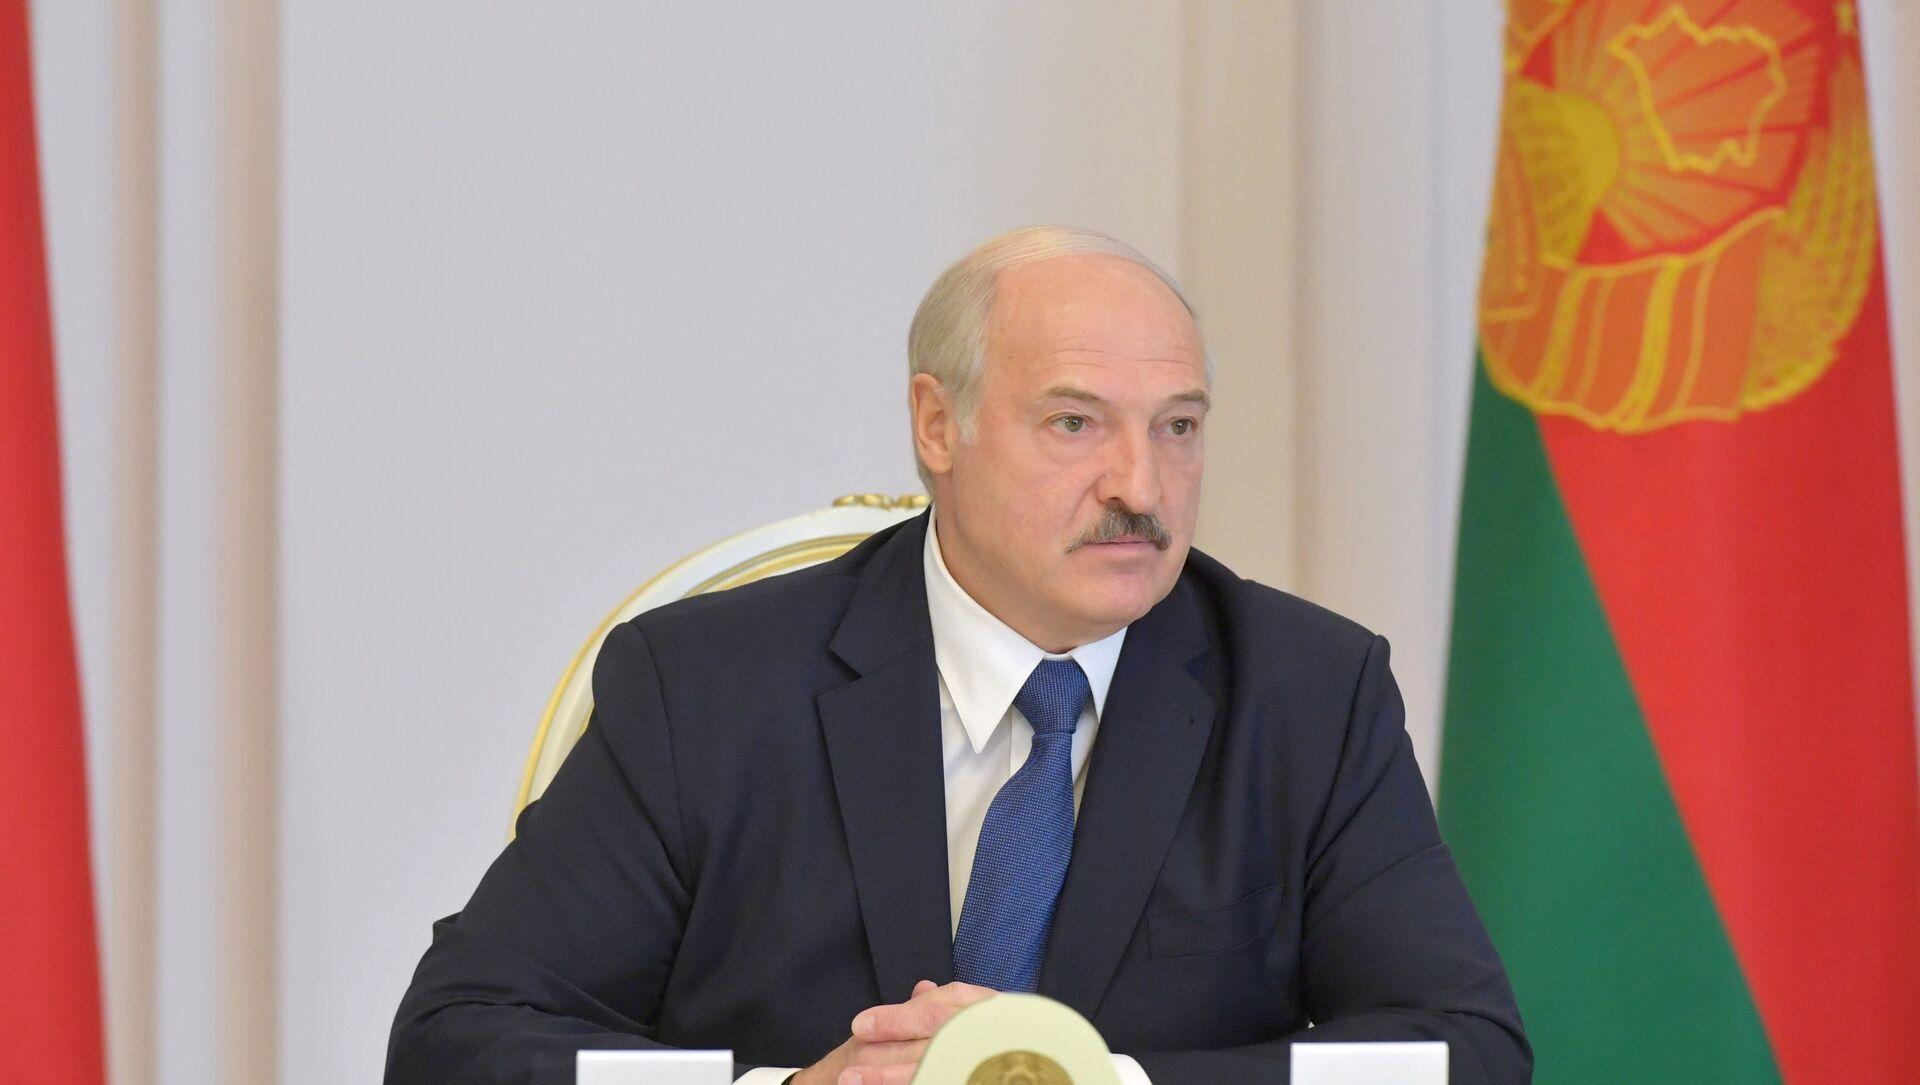 Aleksandr Lukaşenko - Sputnik Türkiye, 1920, 08.07.2021